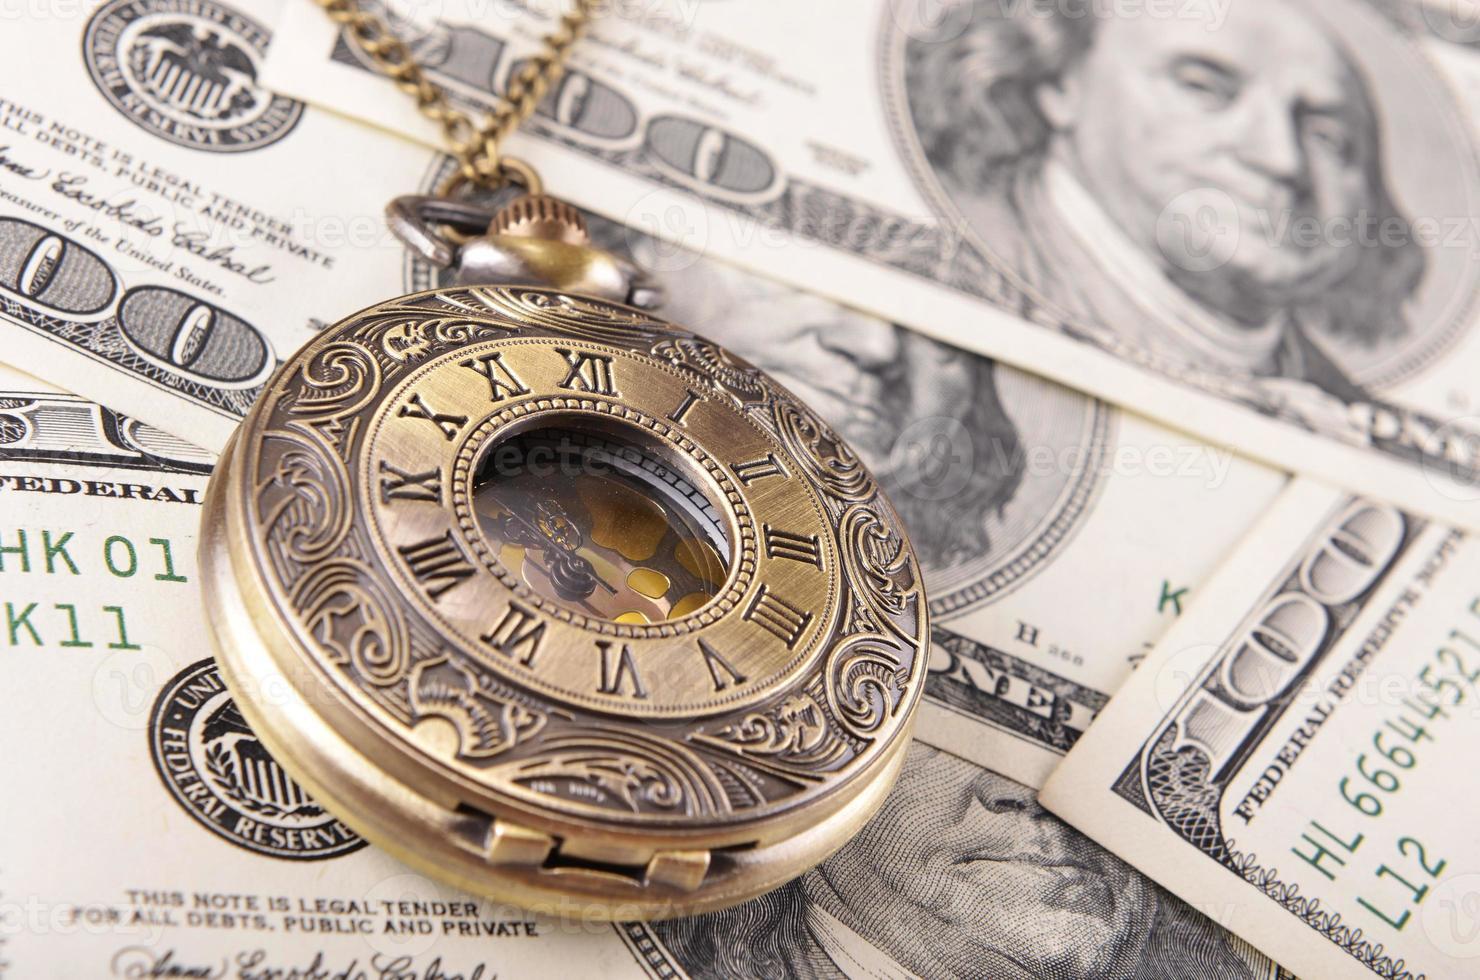 orologio da tasca su una pila di soldi foto